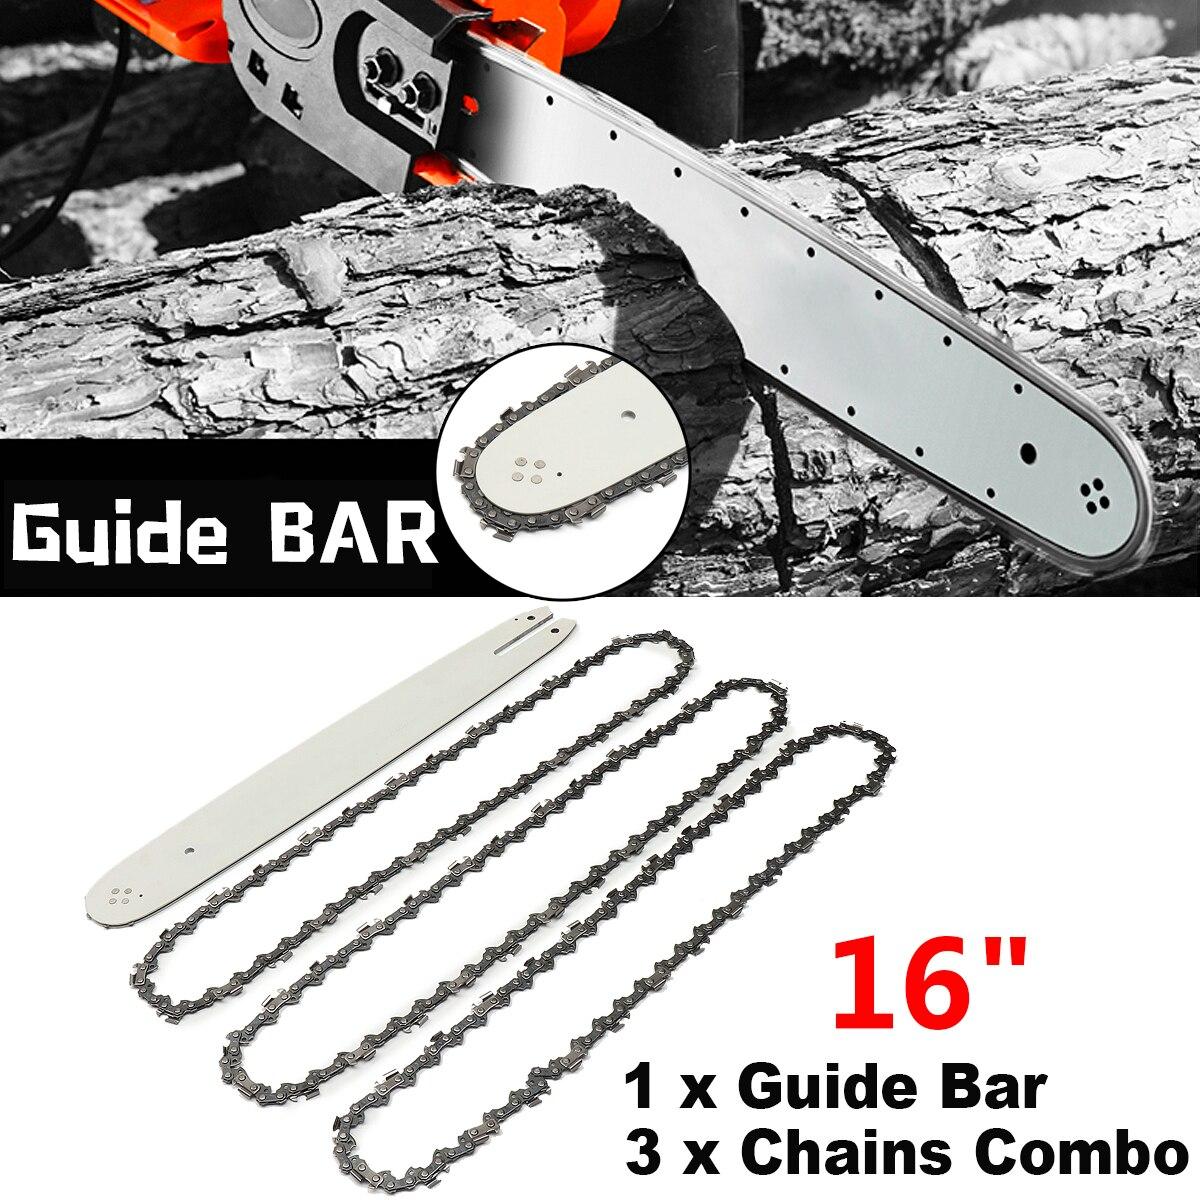 16 pouce Scie À Chaîne Guide Bar avec 3 pcs Chaînes pour STIHL 009 012 021 E180 MS180 MS190